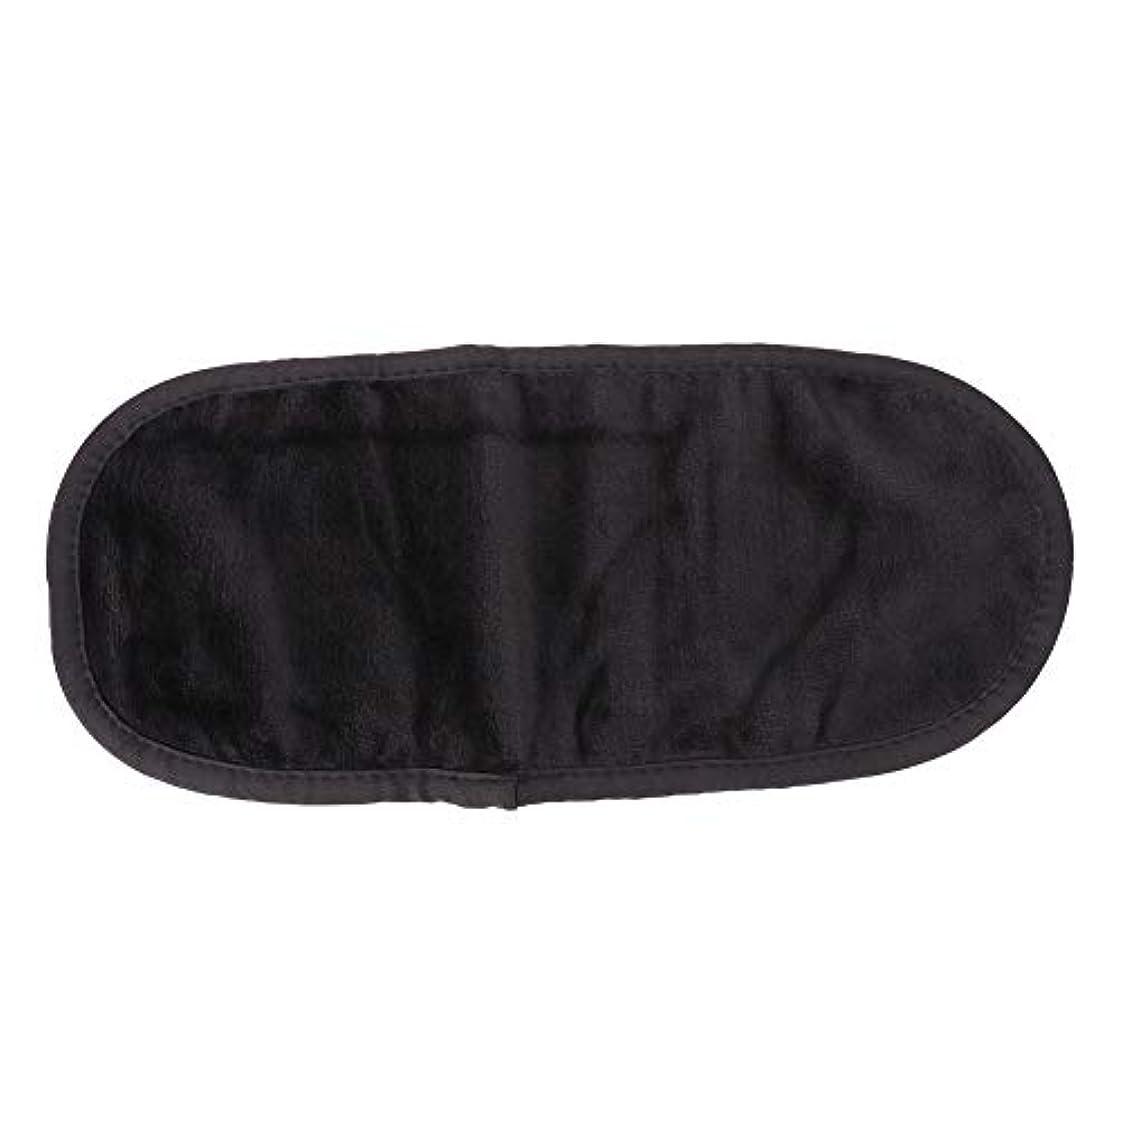 表面クリーニングタオル、超微細メイク落としスキンケア繊維ワイプ(ブラック)